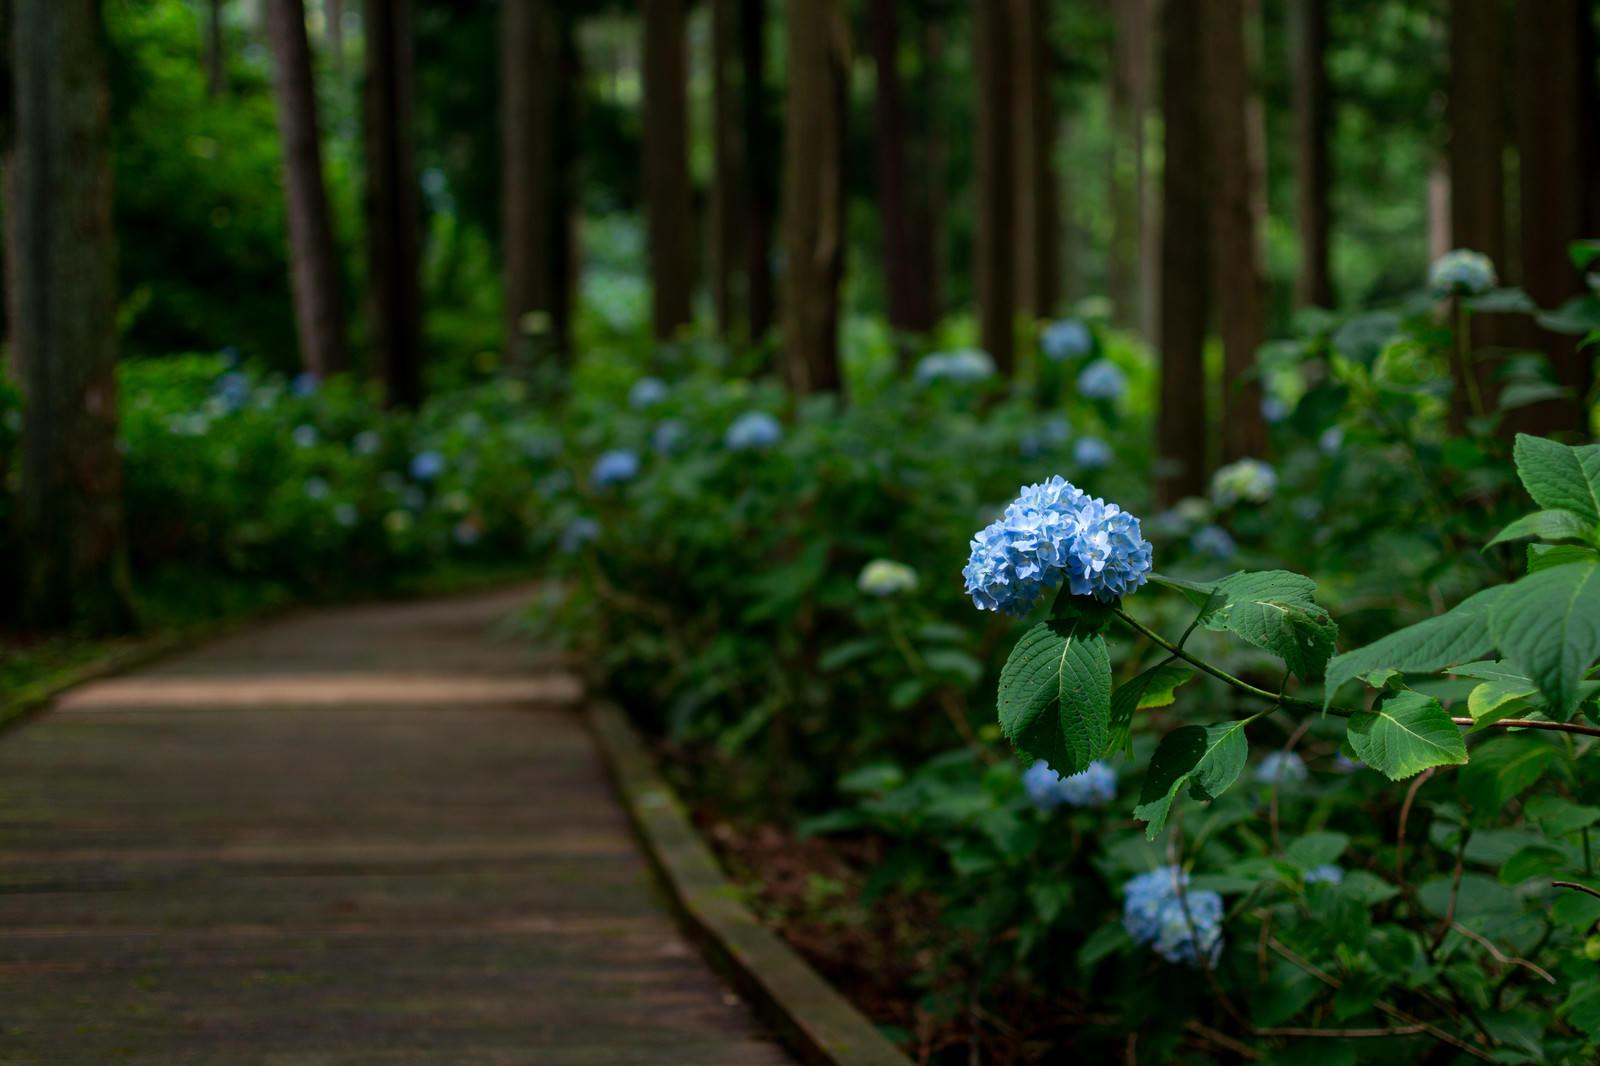 「木漏れ日に照らされる紫陽花(アジサイ公園)」の写真